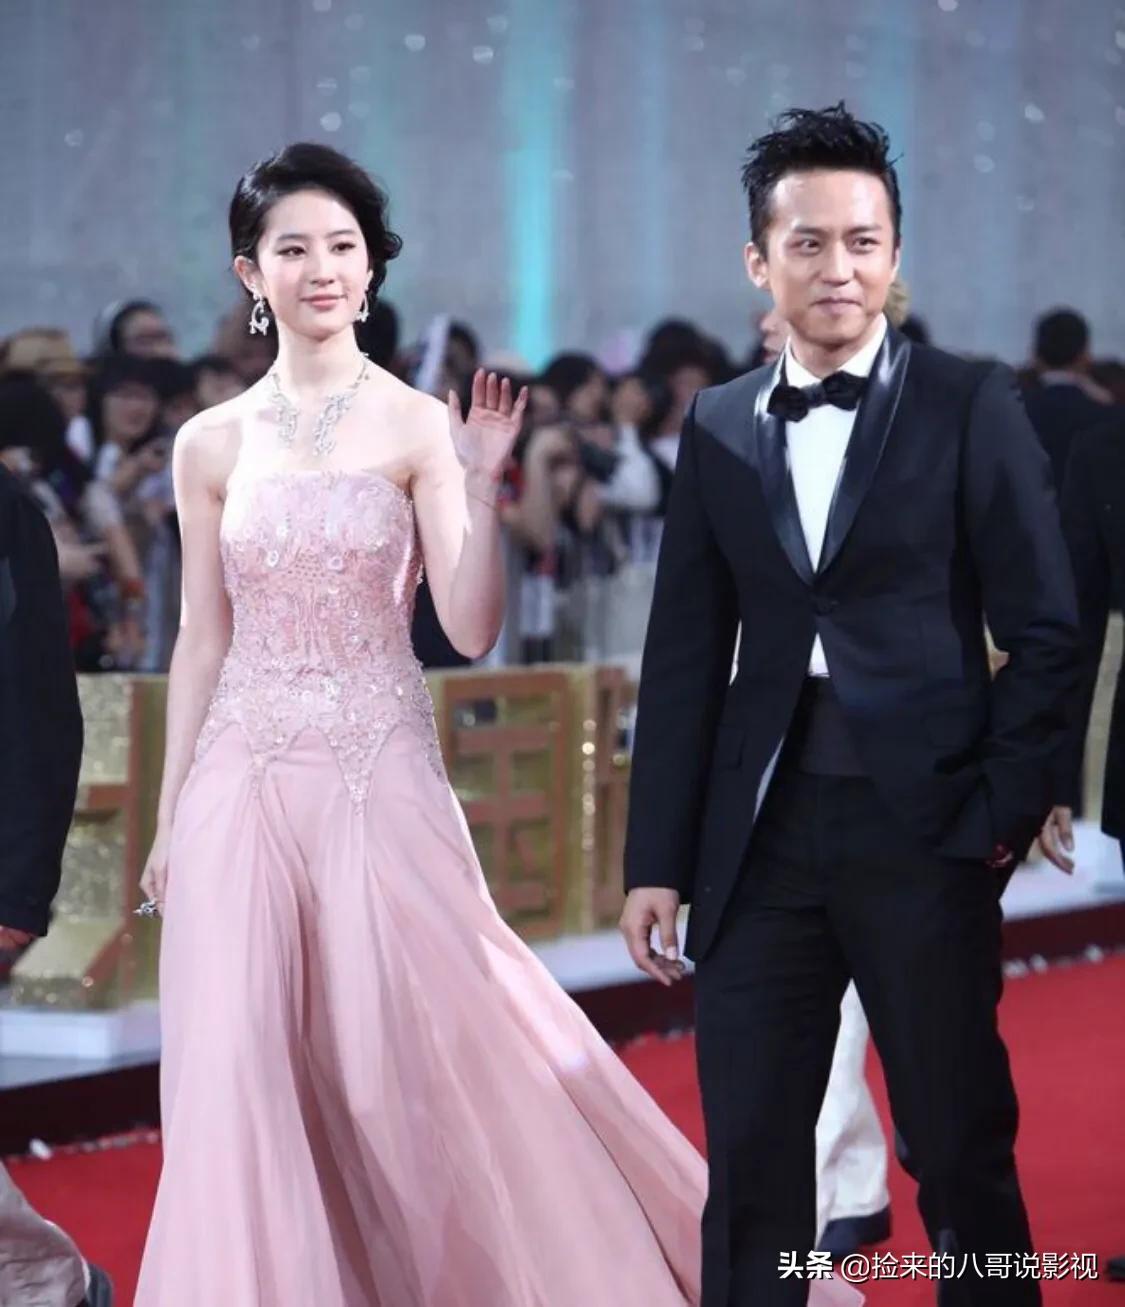 跟男演员从来没有CP感的刘亦菲,站在邓超旁边竟然配一脸?